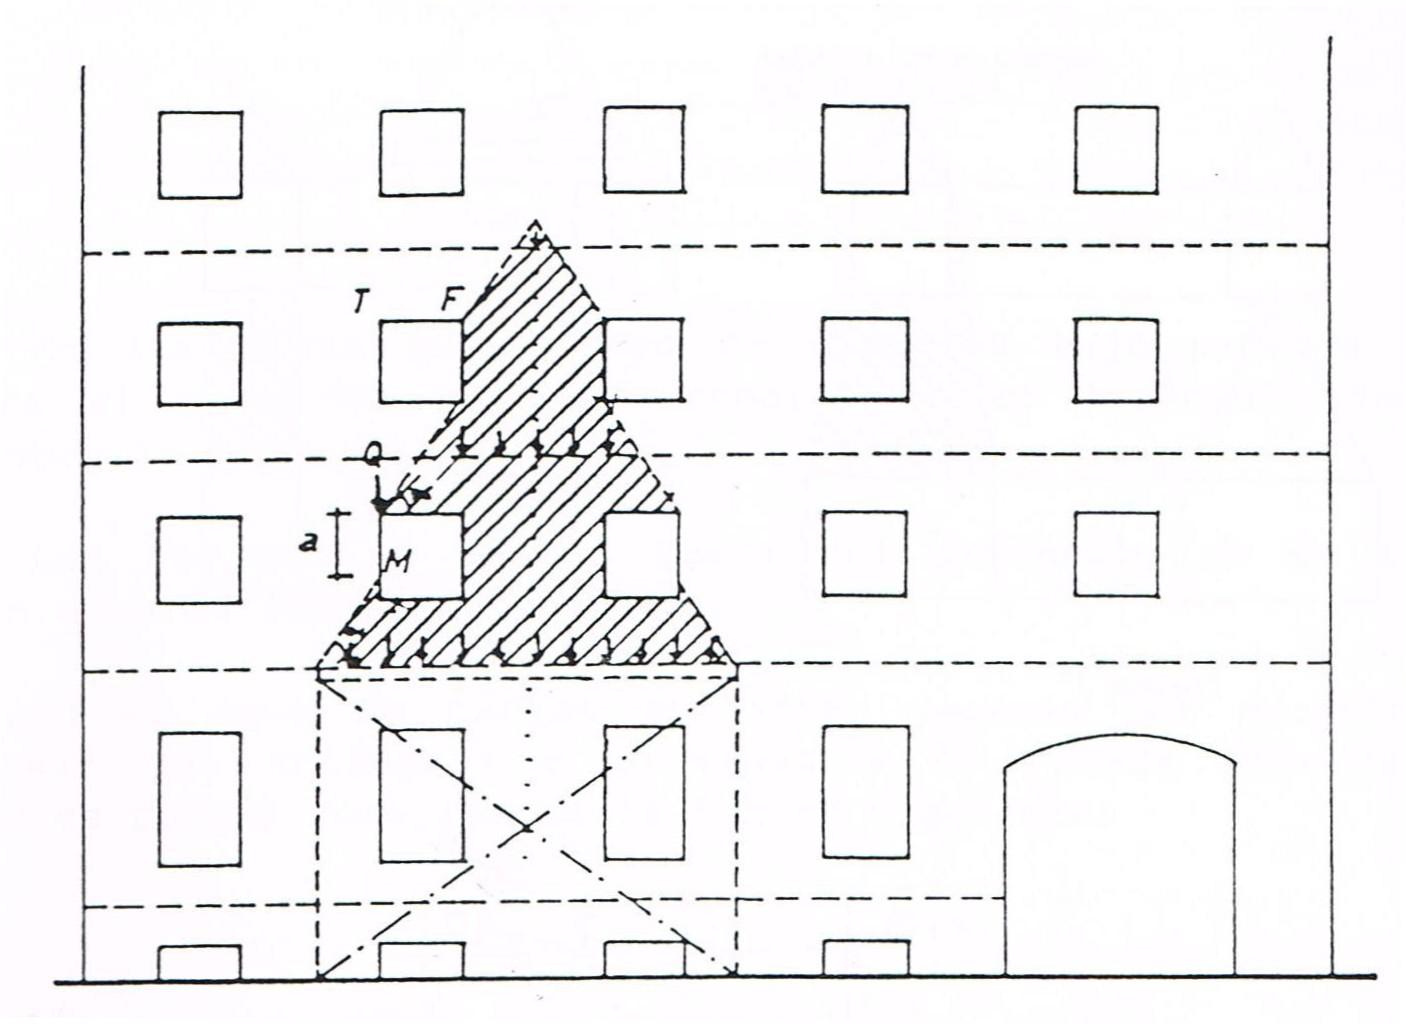 Carga a considerar en apertura de un hueco en una fachada